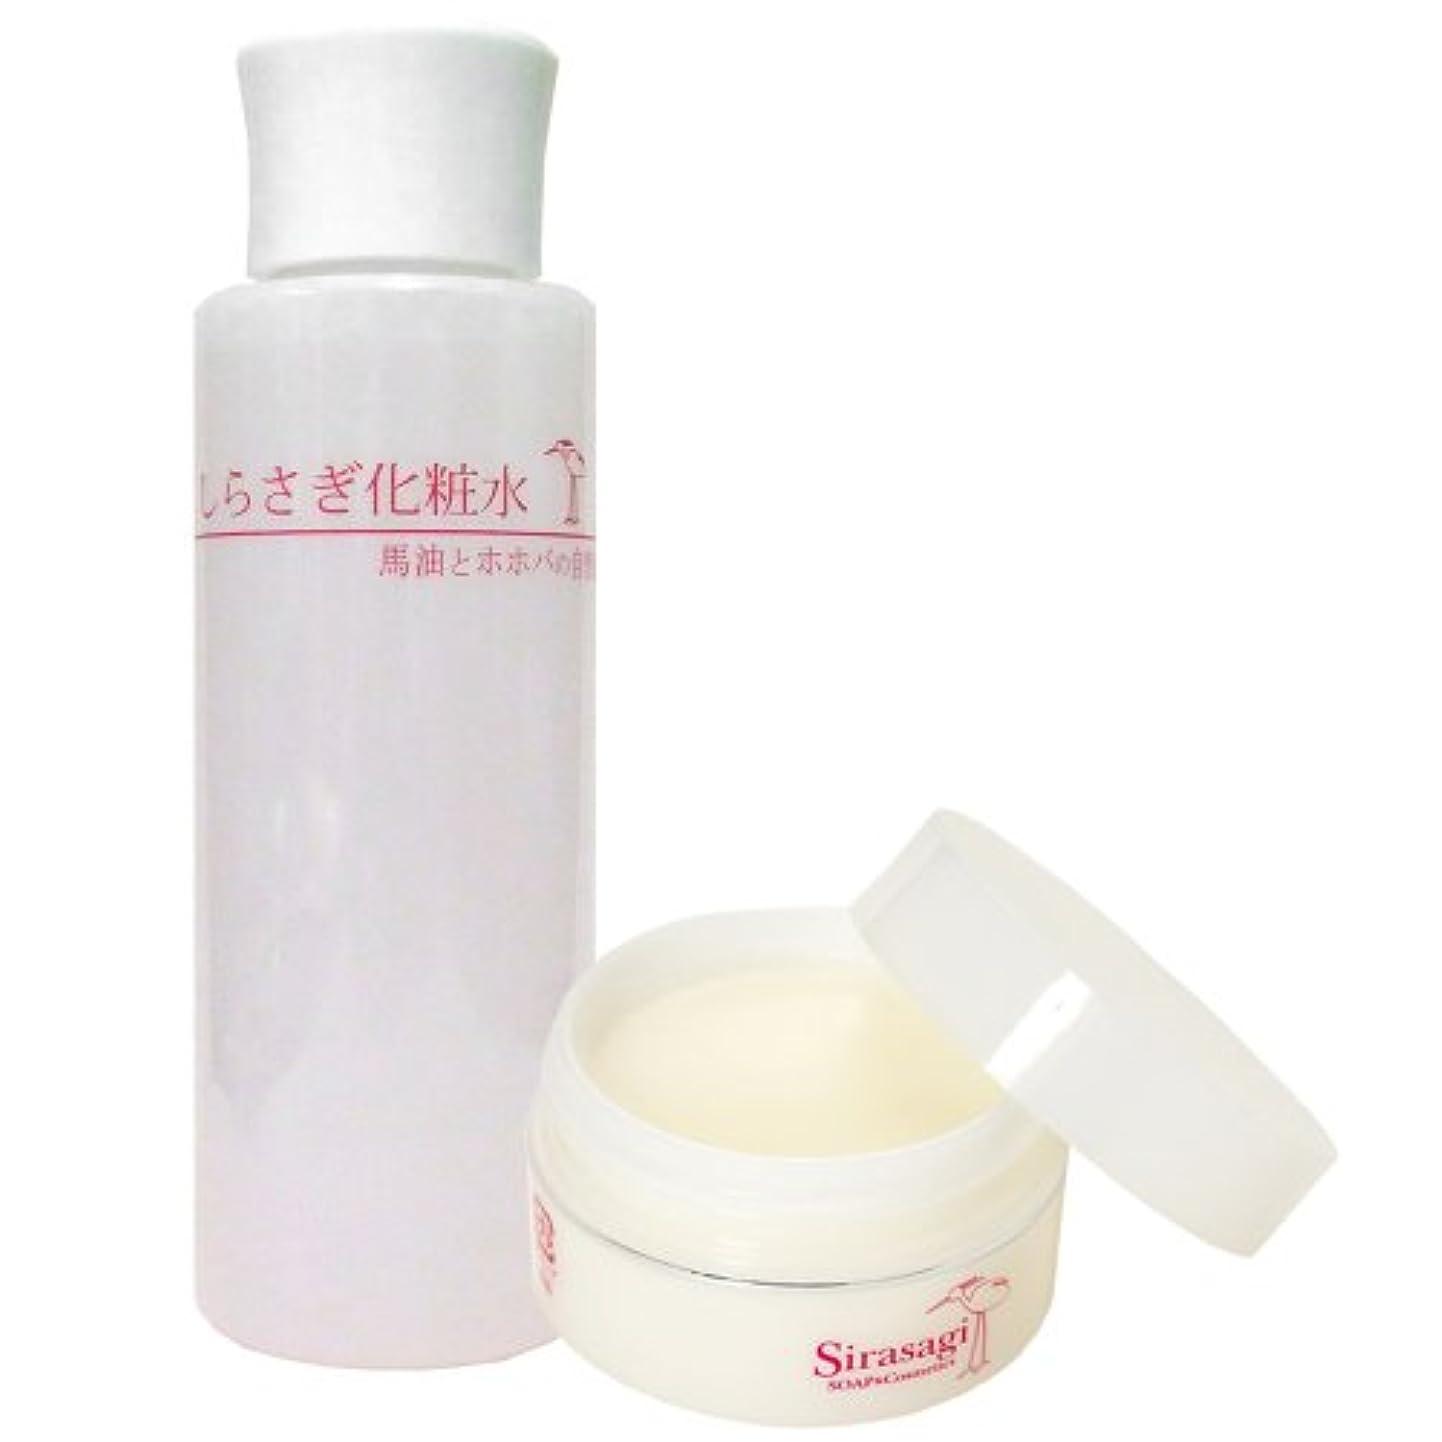 学校地下鉄電化するしらさぎクリーム(ラベンダーとローズウッドの香り)としらさぎ化粧水のセット